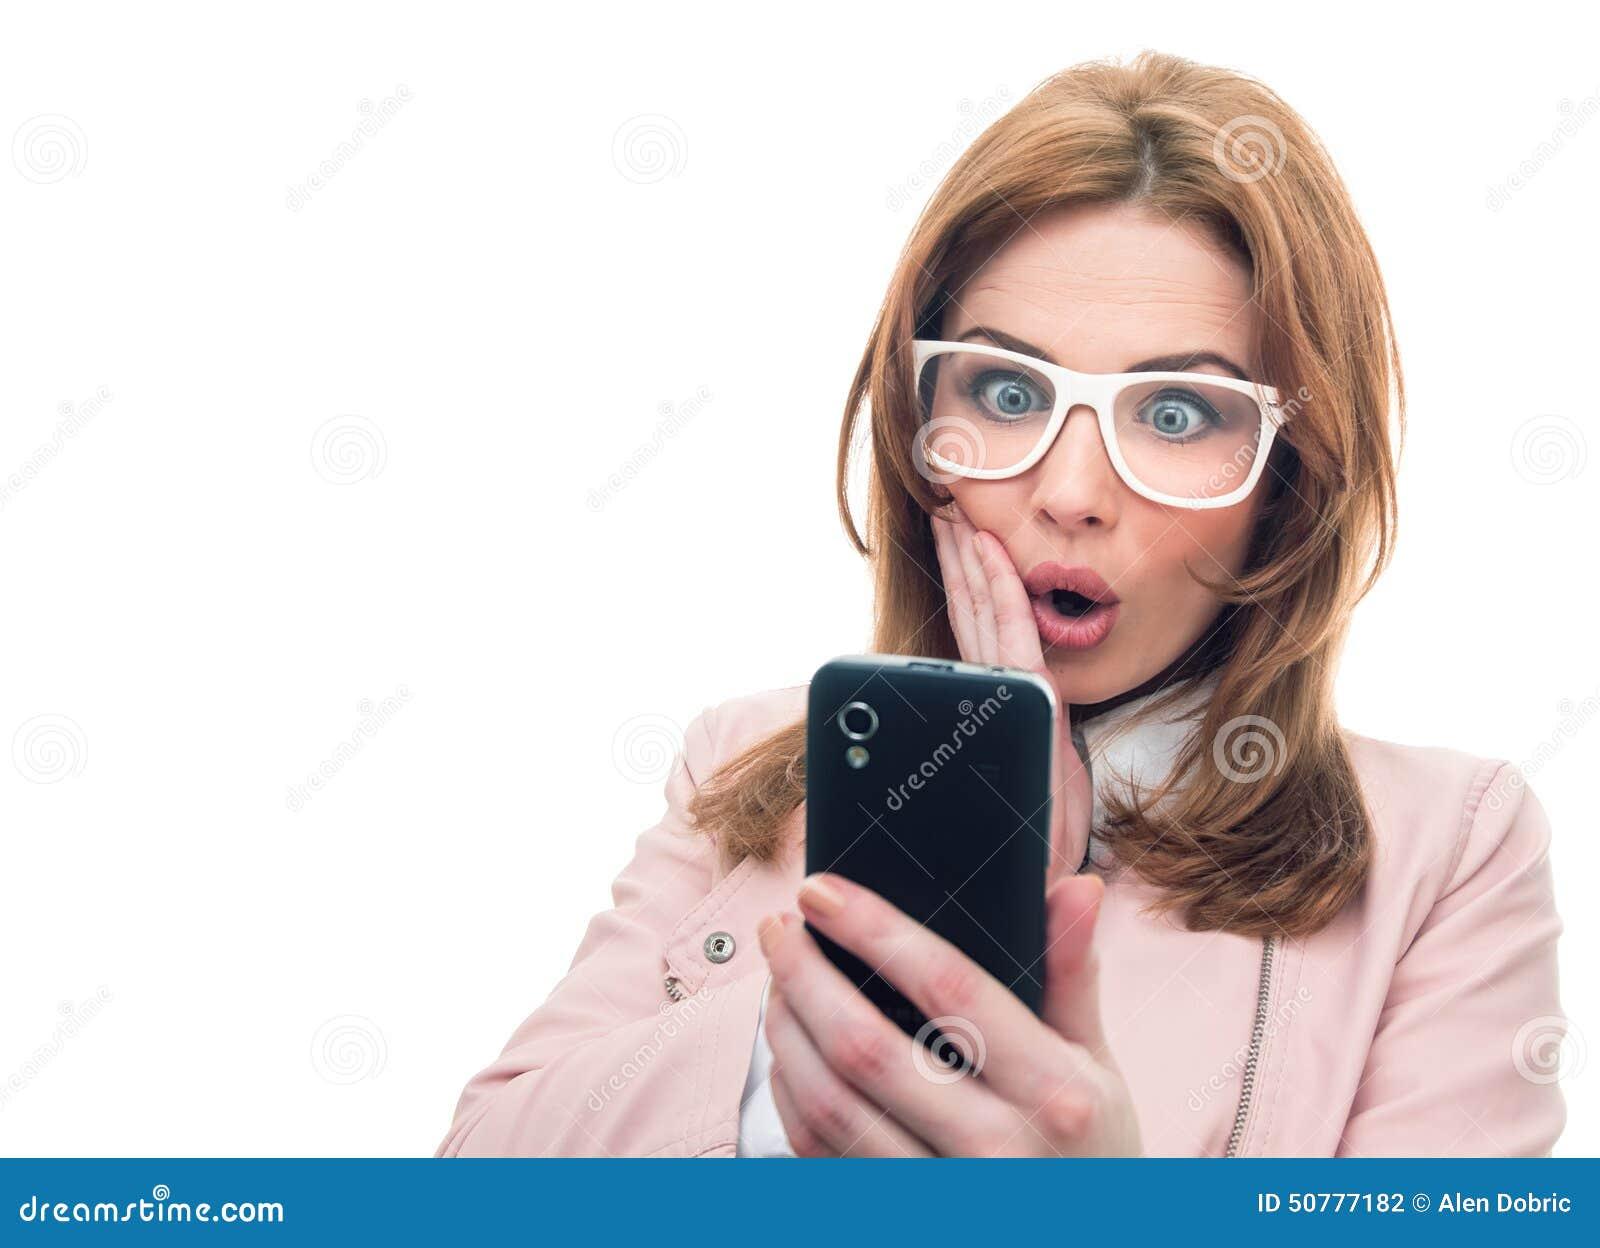 naked white girls cell phone